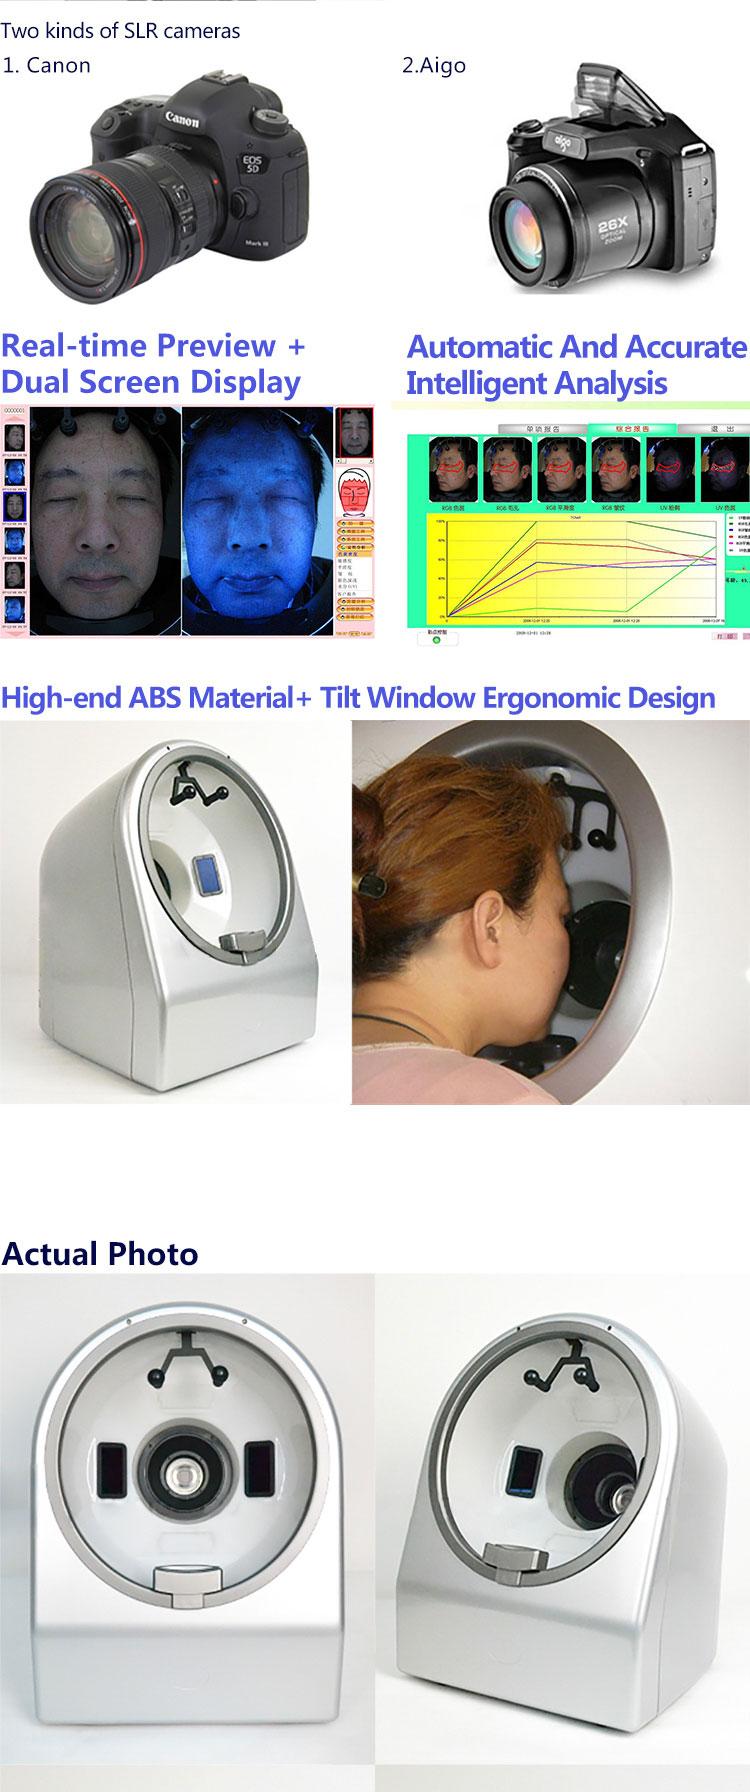 Skin Analysis Machine Description 4